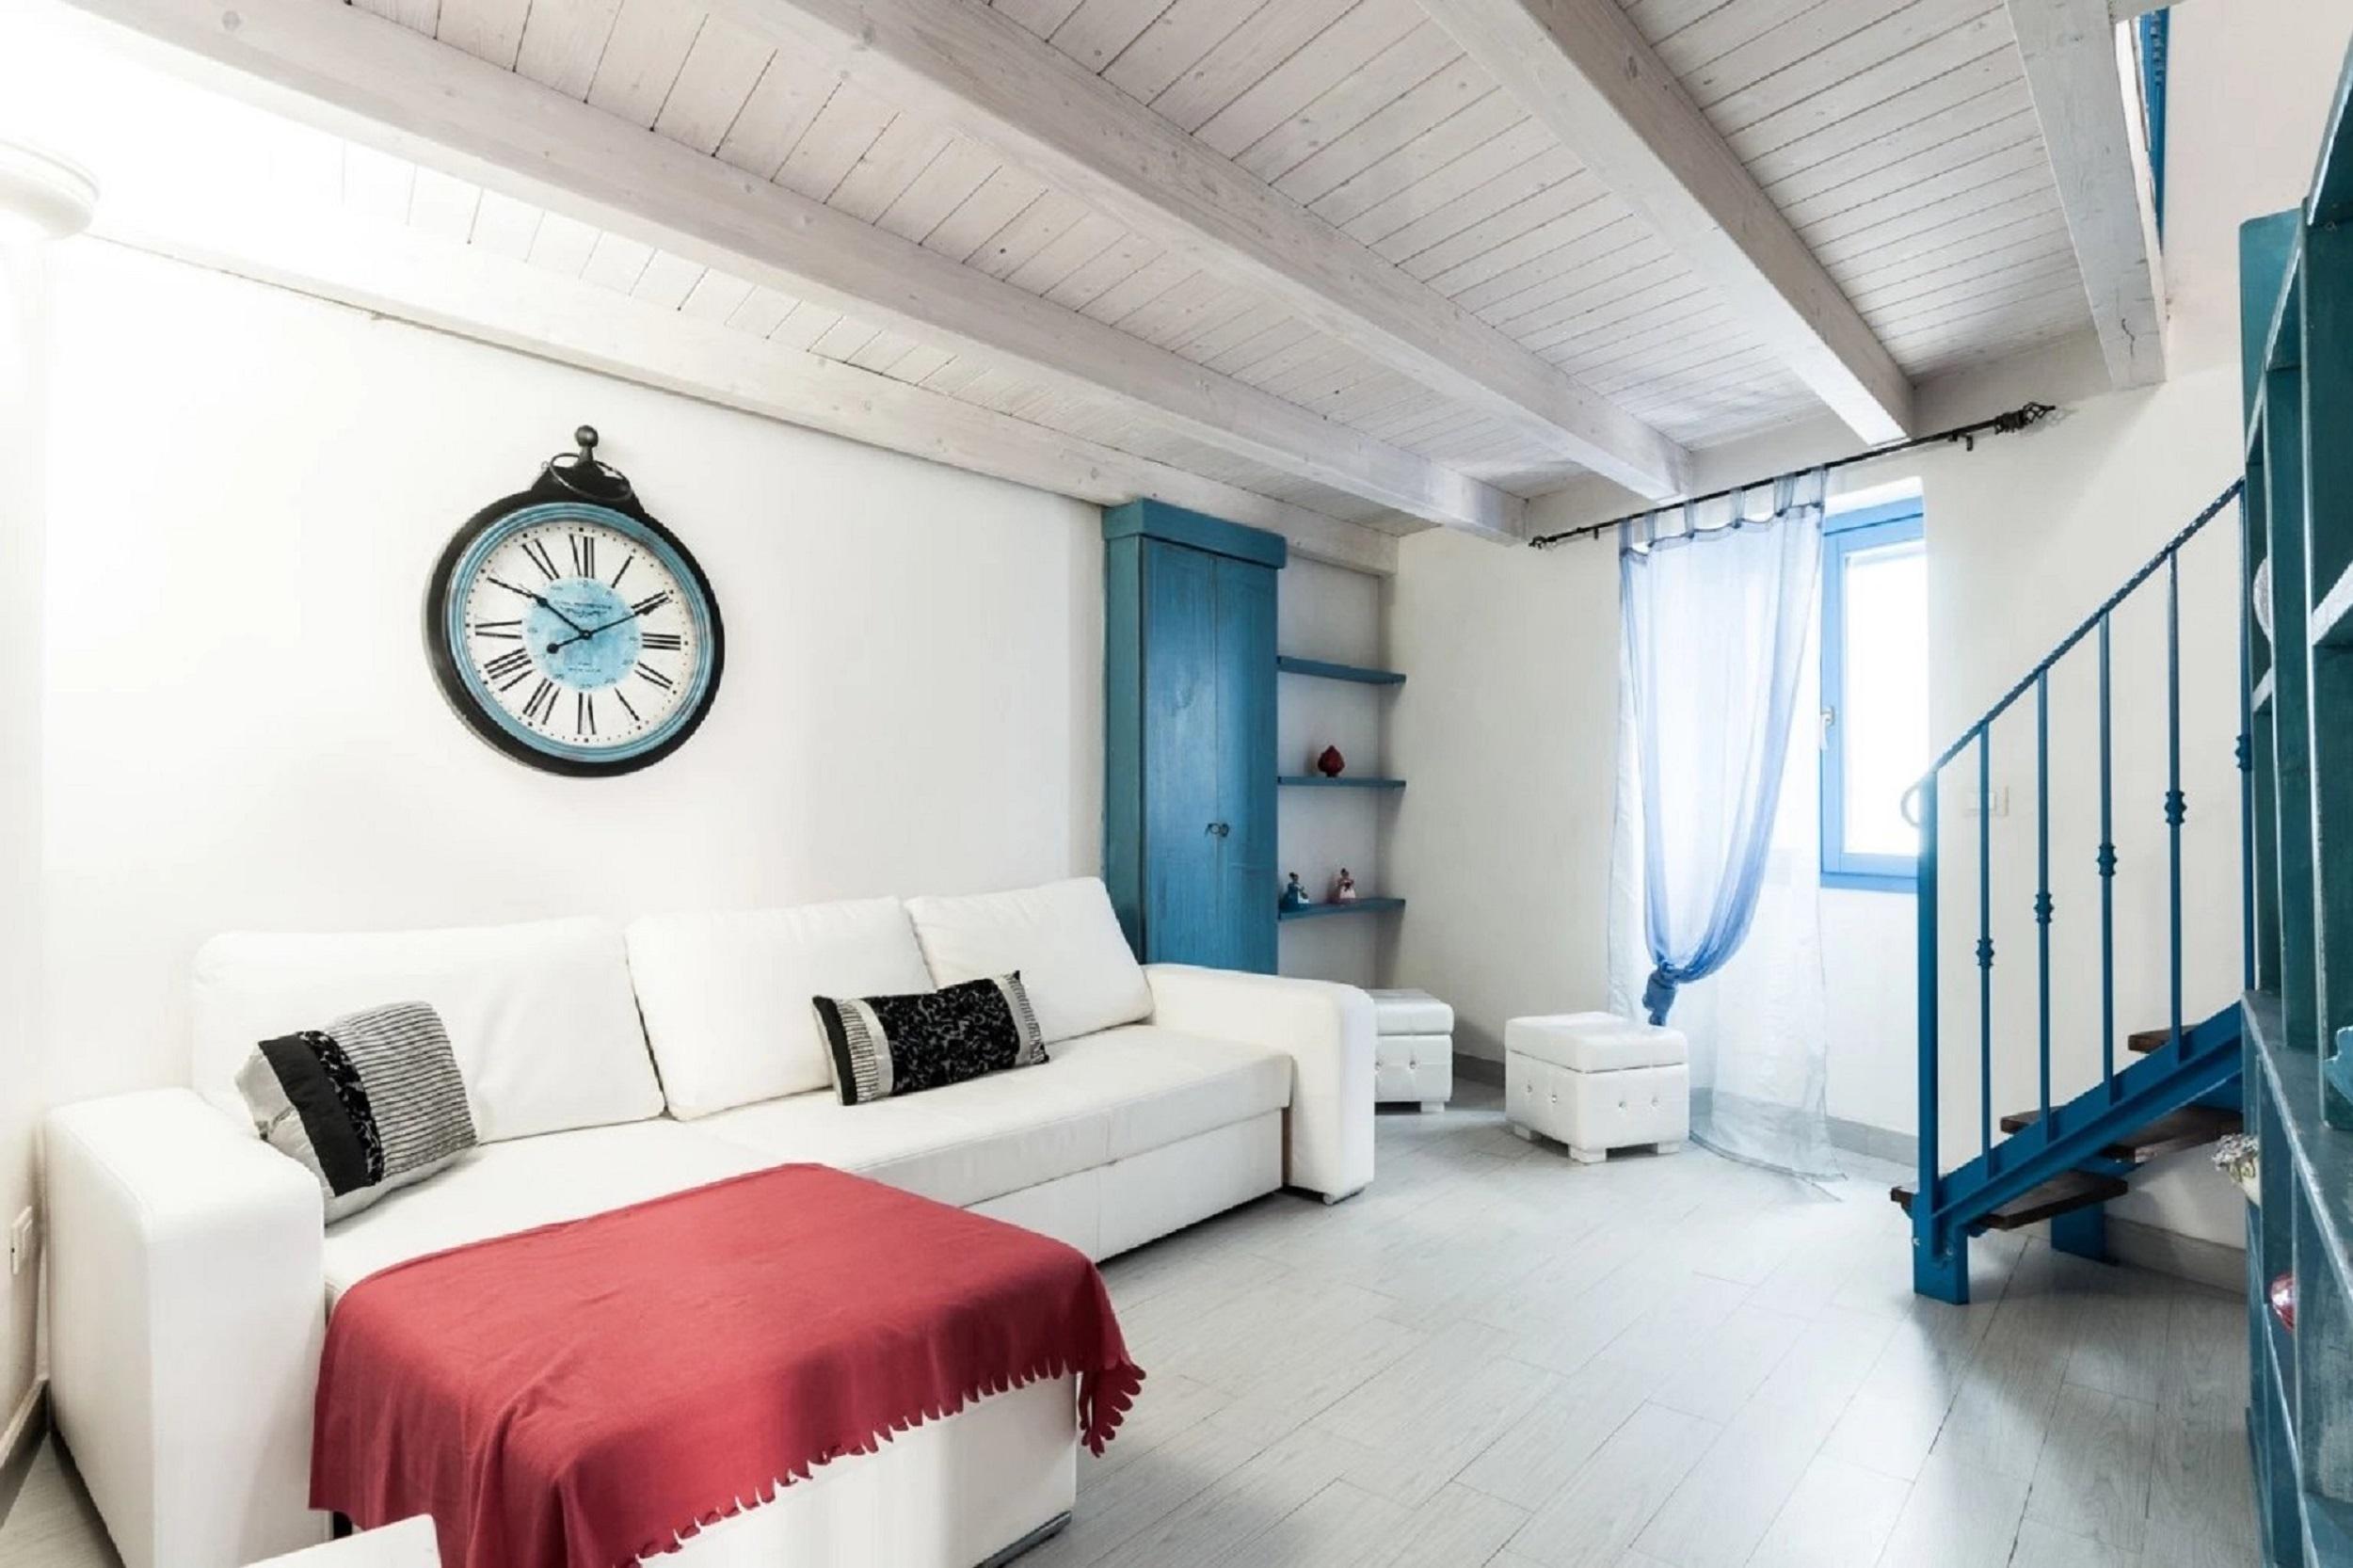 salotto con divano bianco e coperta rossa, scale con ringhiera blu